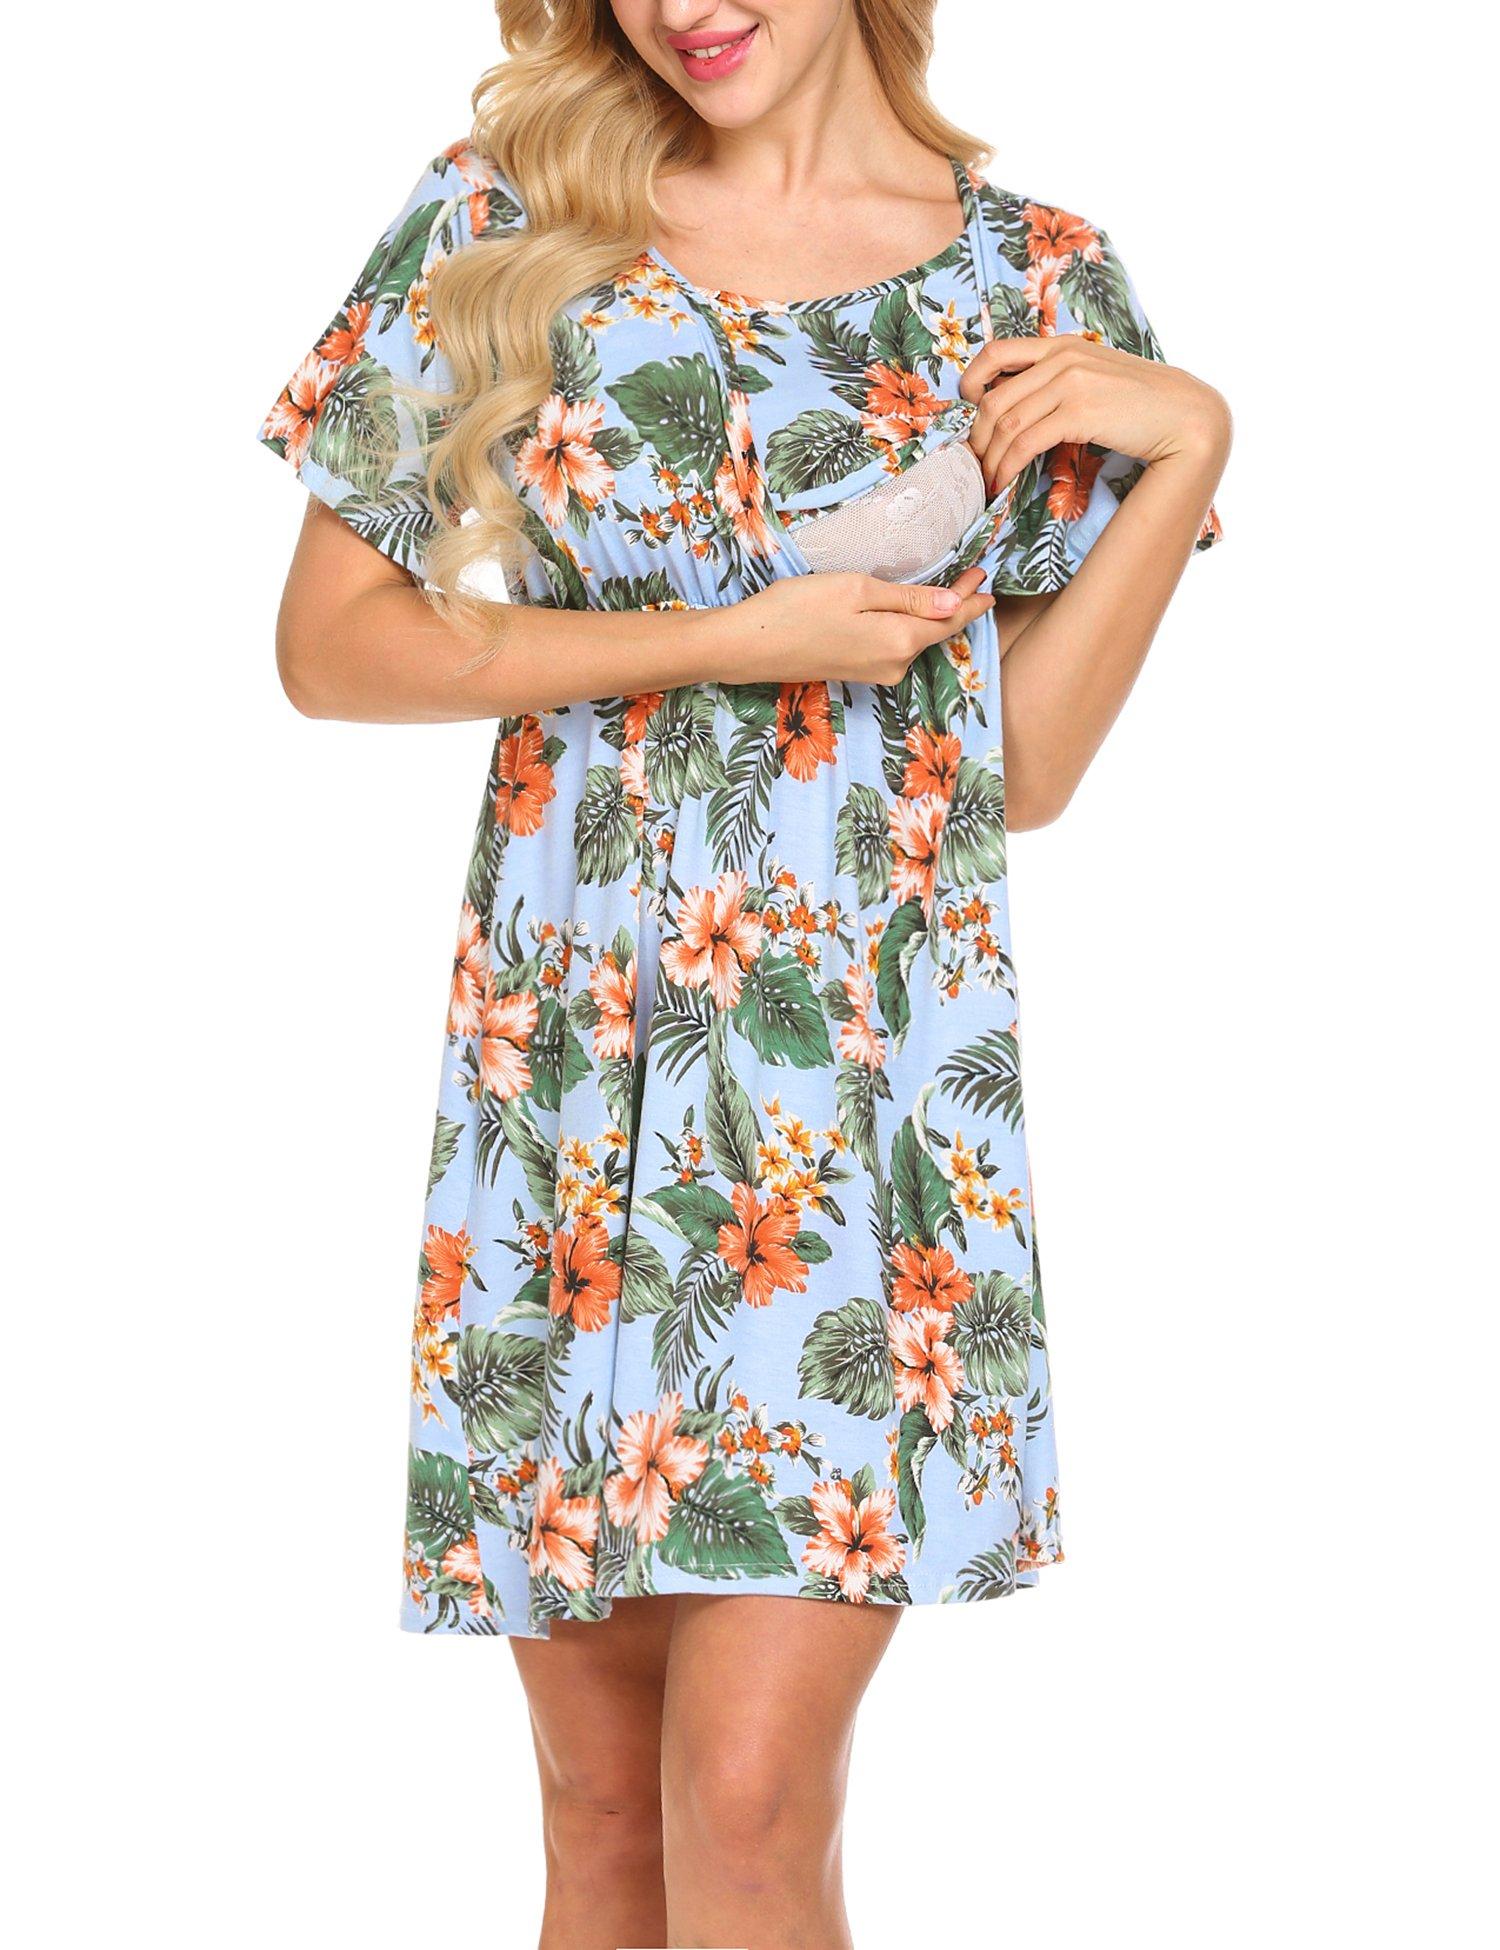 Pasttry Women's Floral Short Sleeve V Neck Maternity Nursing Dress for Beaches Mint Green M